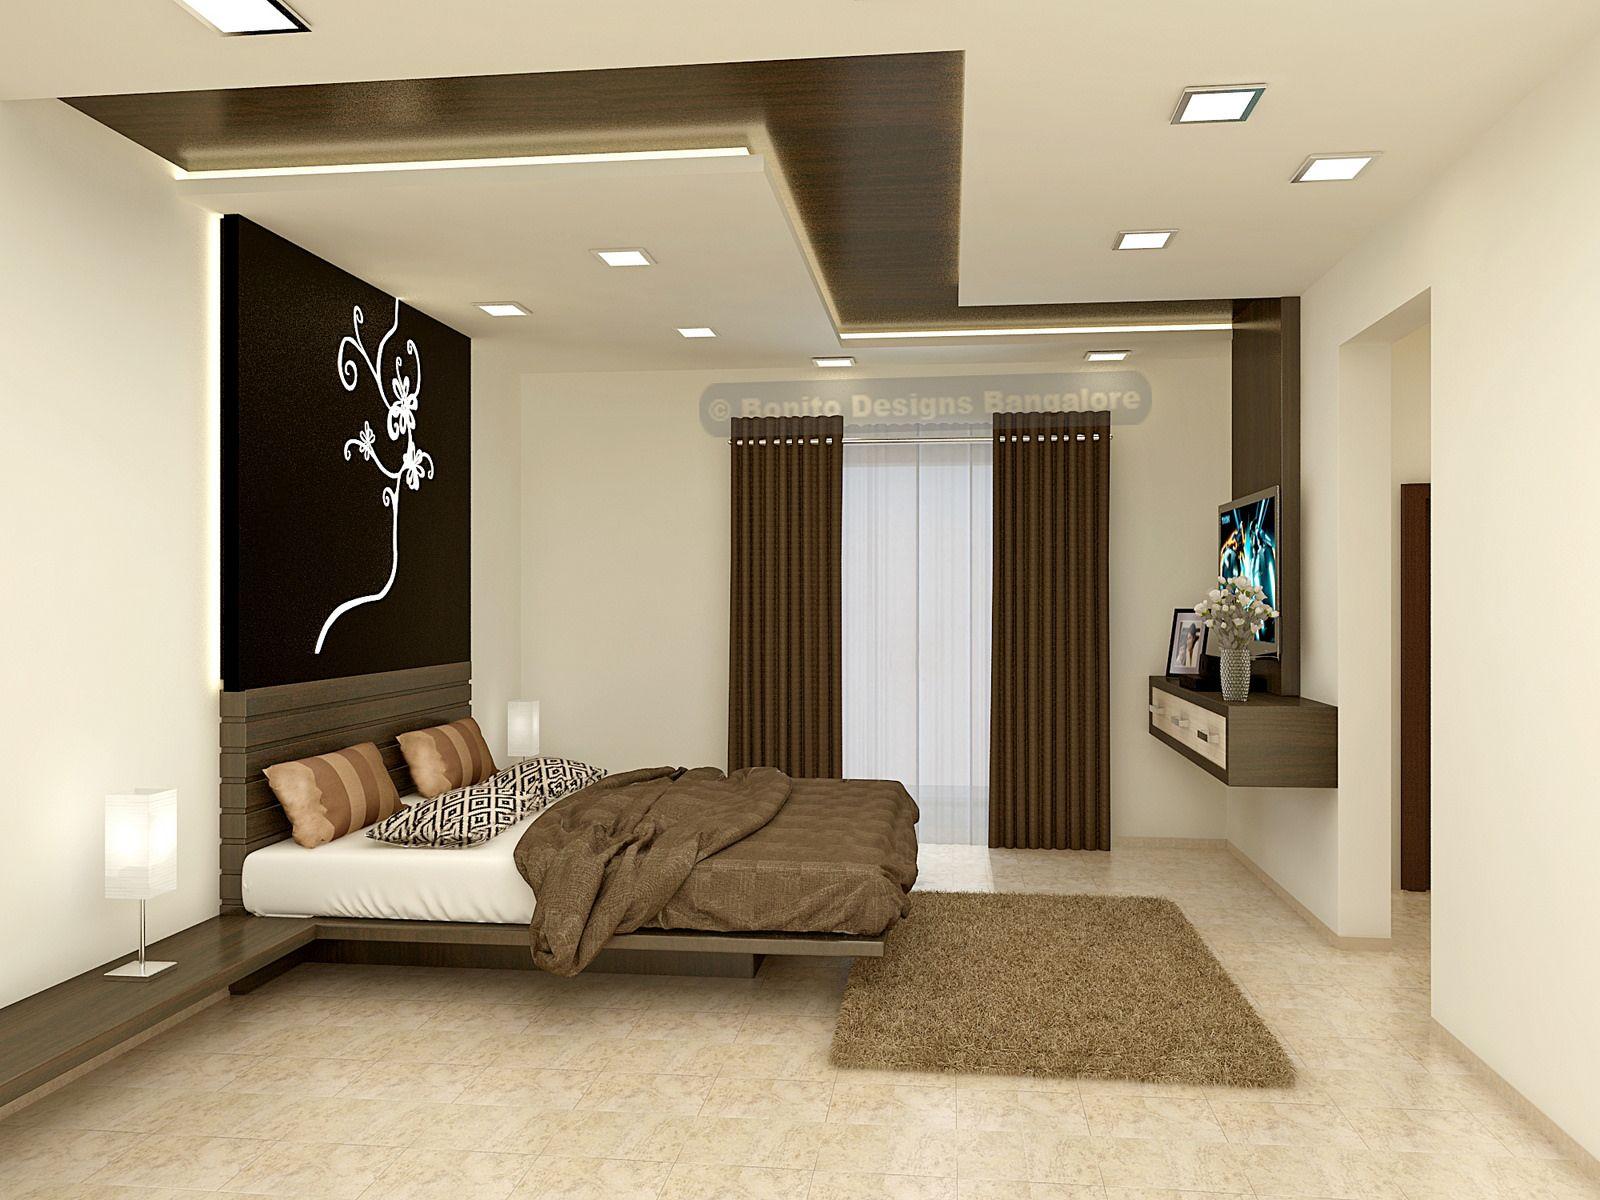 Bedroom Ideas Ceiling Fan